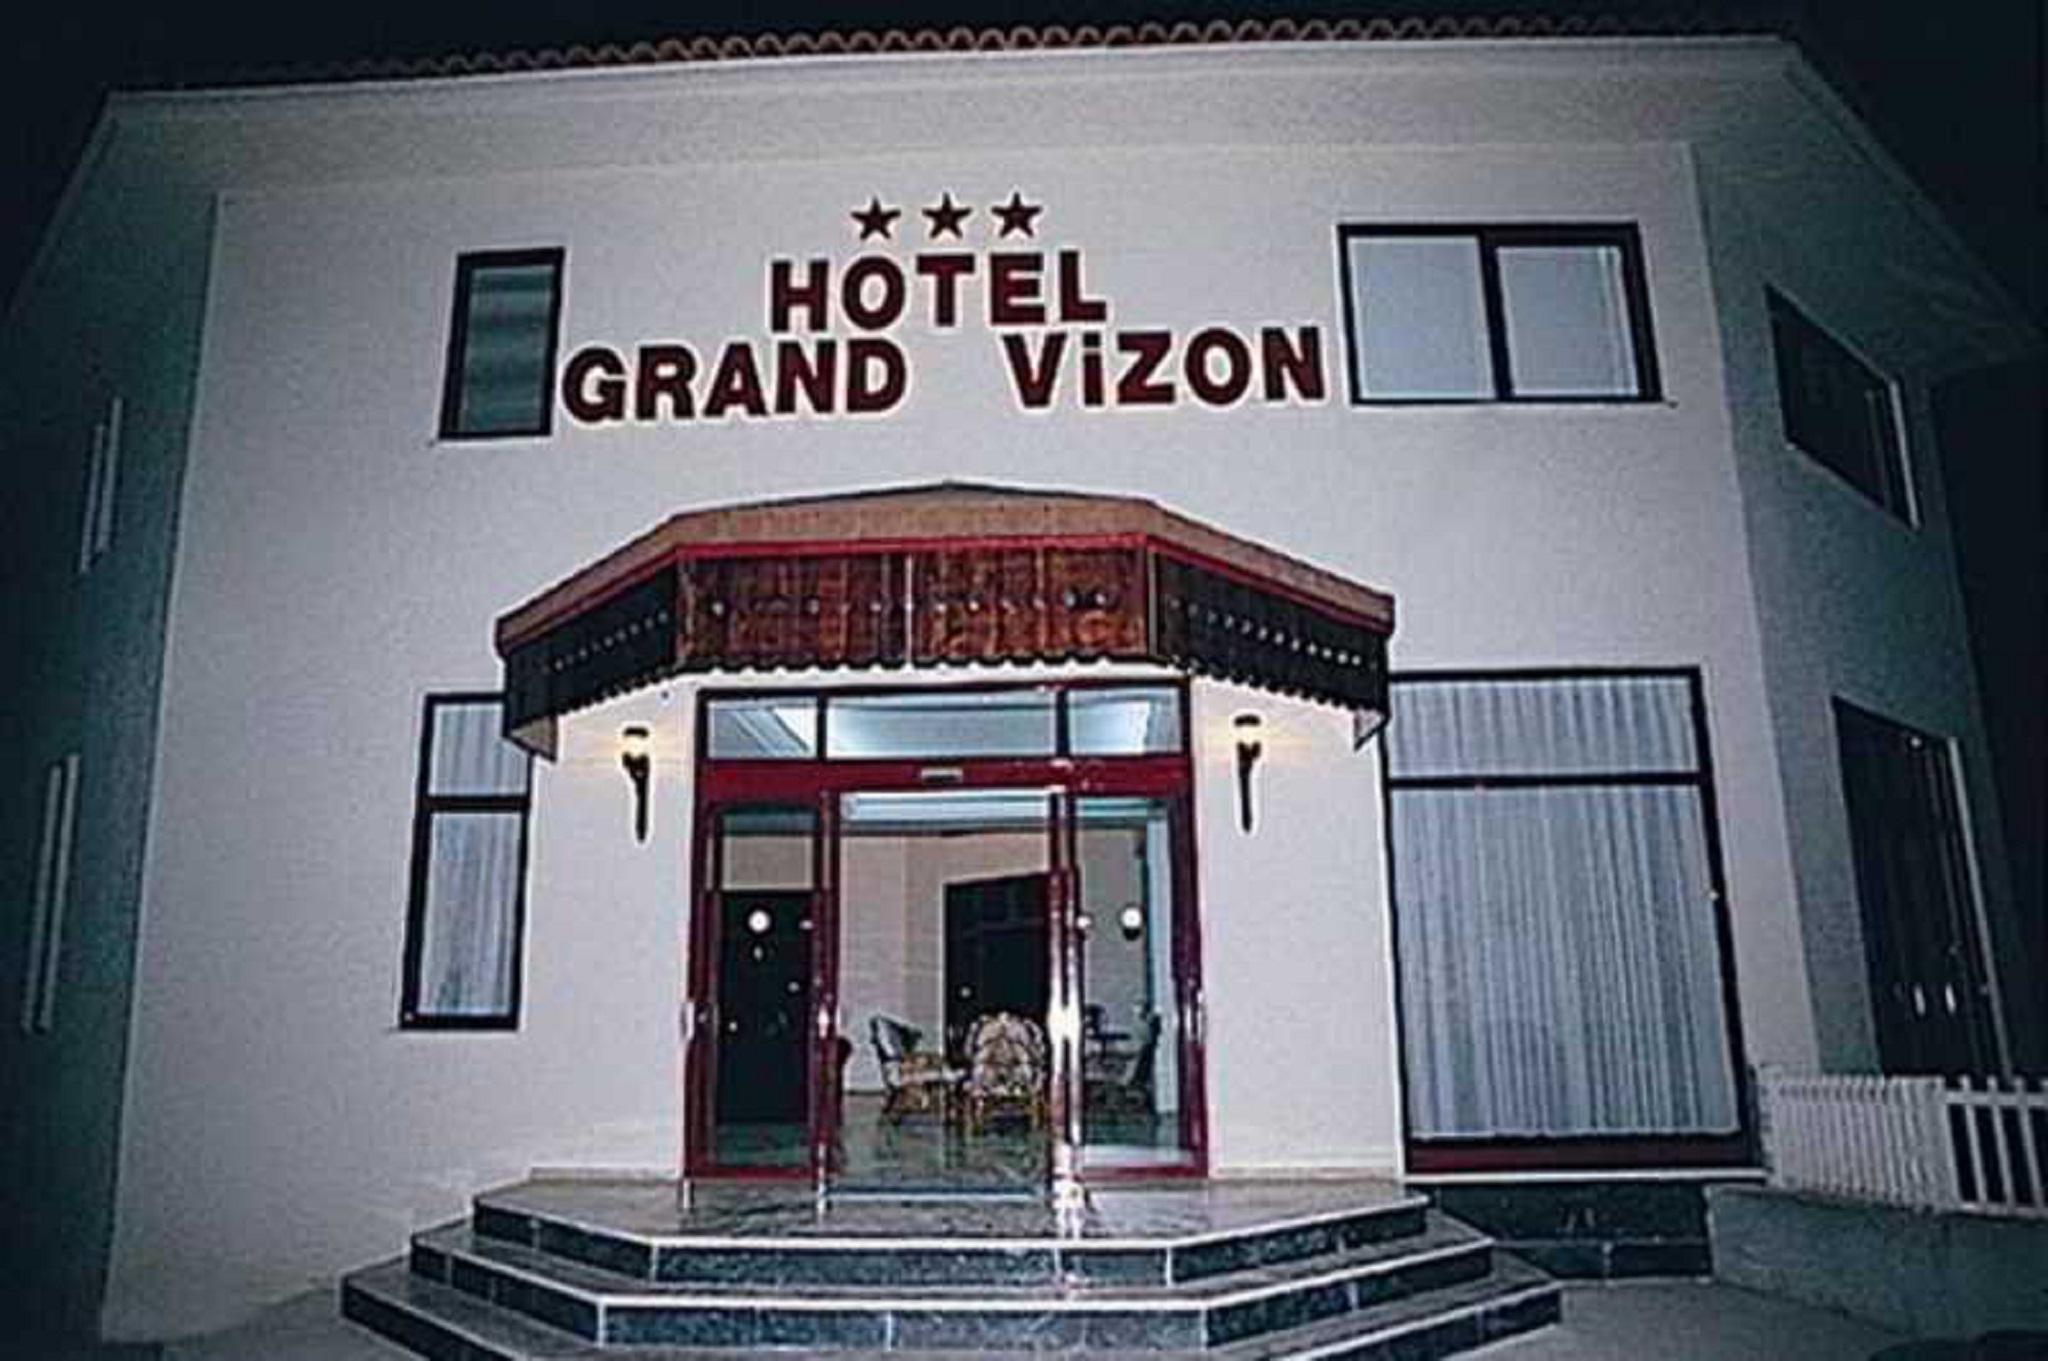 Grand Vizon